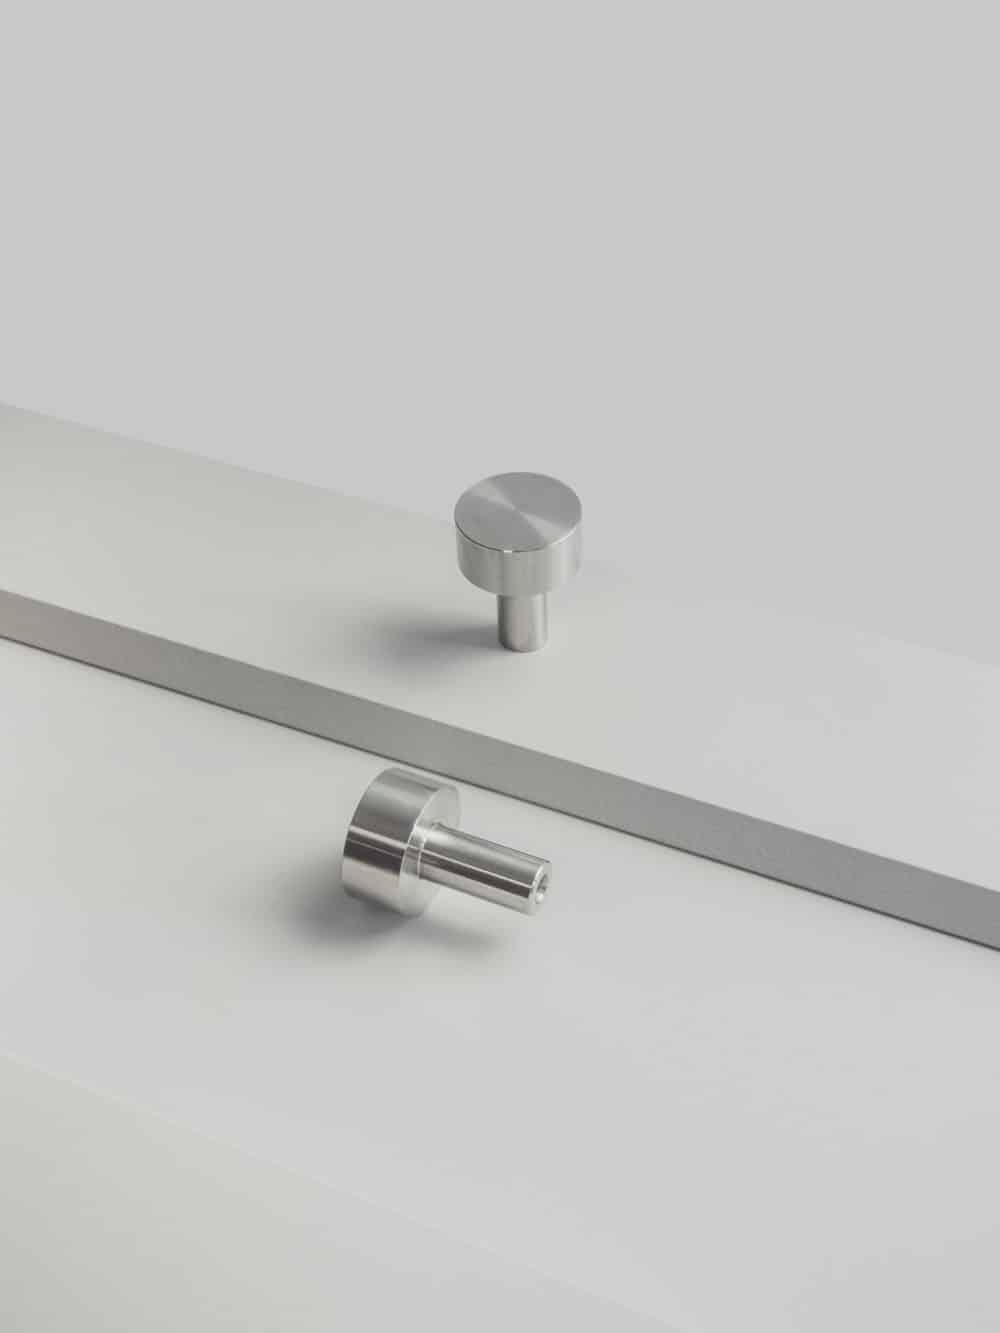 srebrny uchwyt meblowy ze stali nierdzewnej